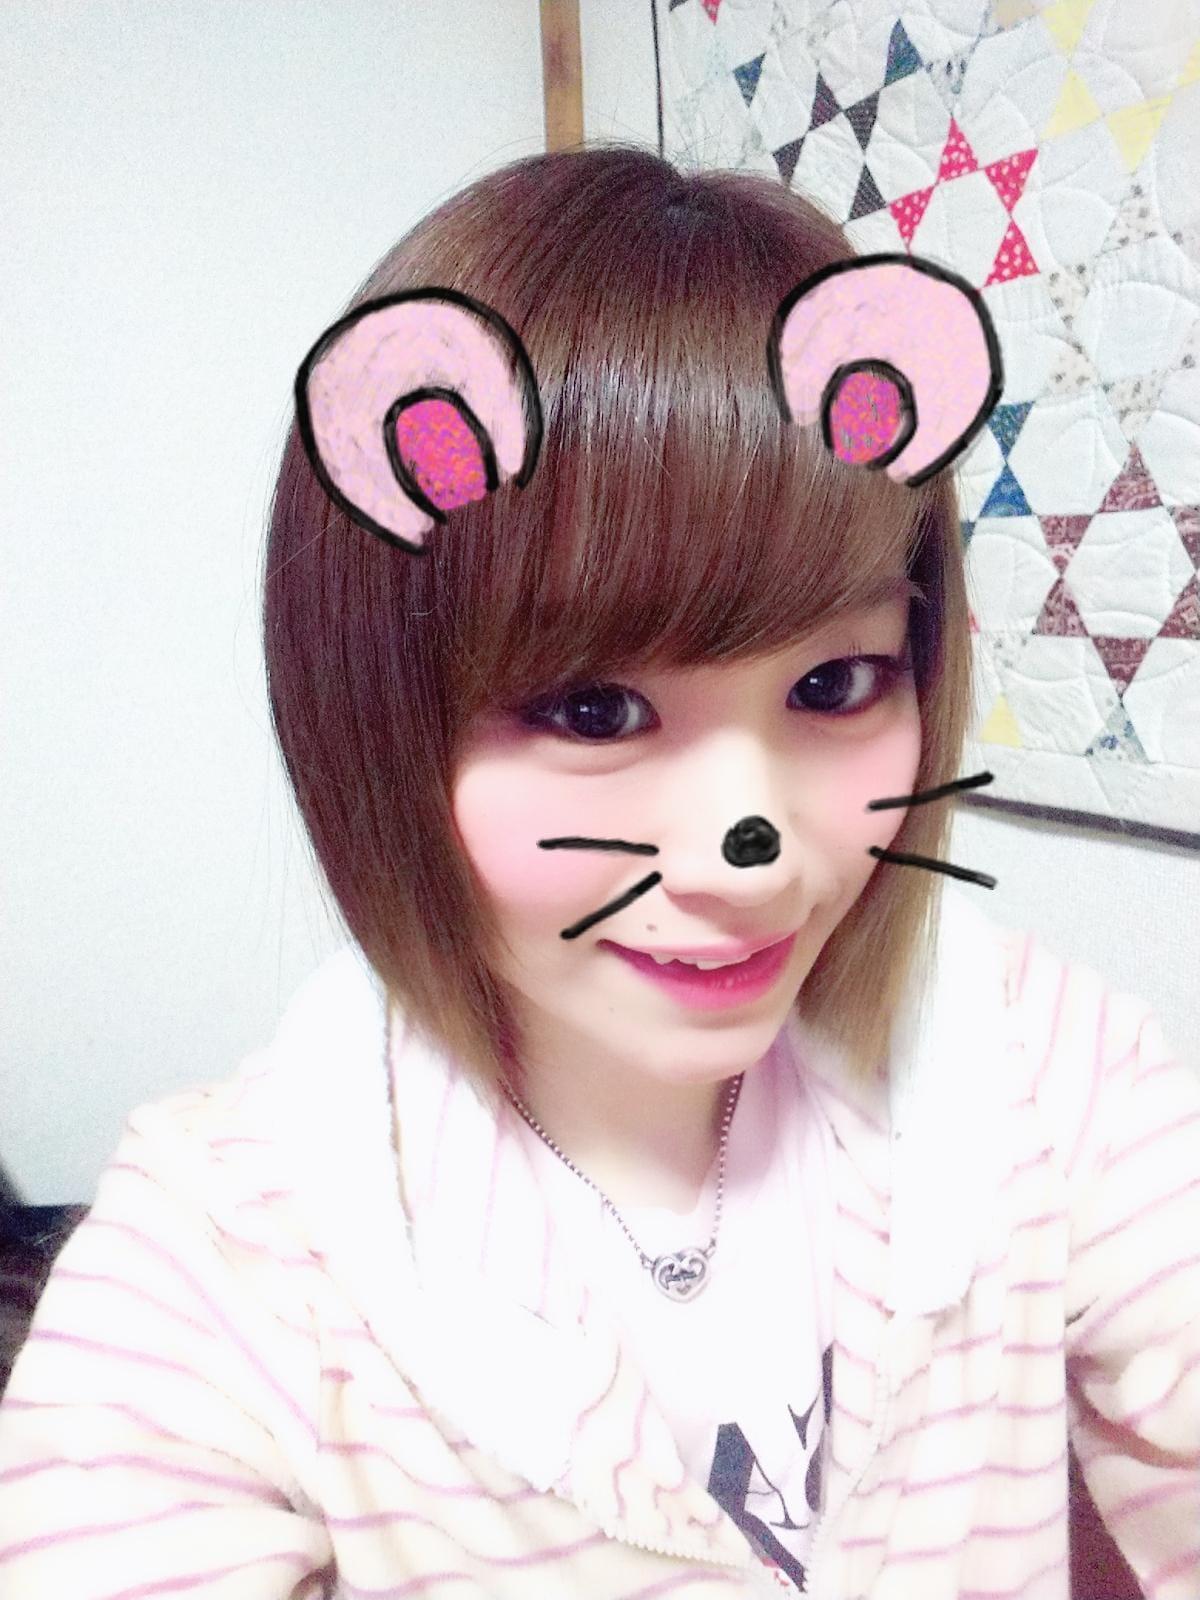 「((´∀`*))????」06/20(06/20) 00:04 | れなの写メ・風俗動画